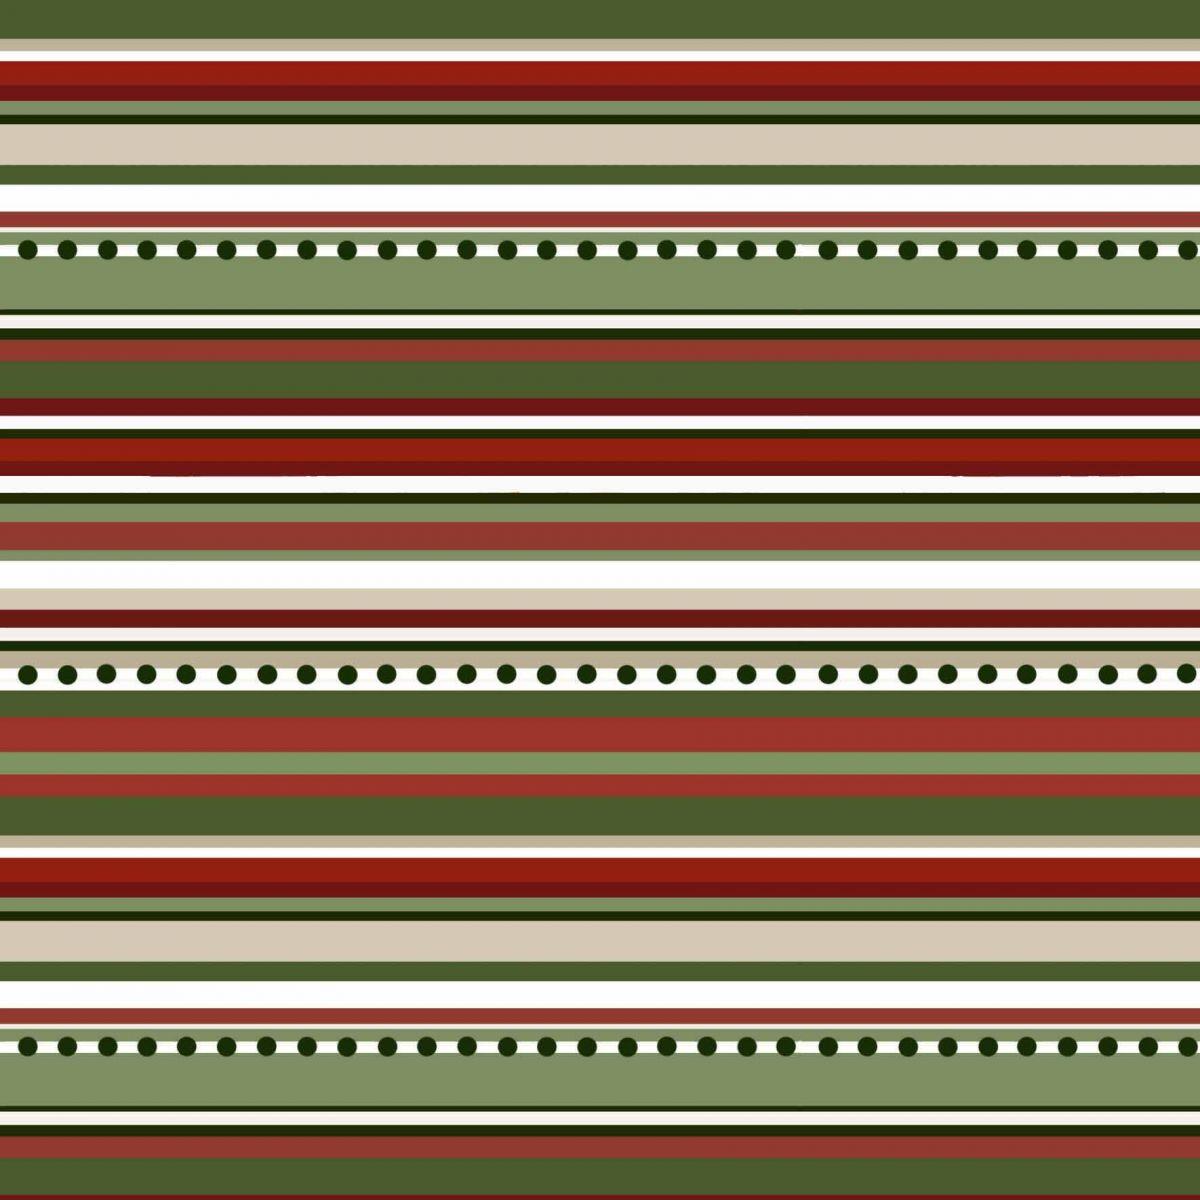 Tecido Digital Listrado Natal  - Tecidos Digitais